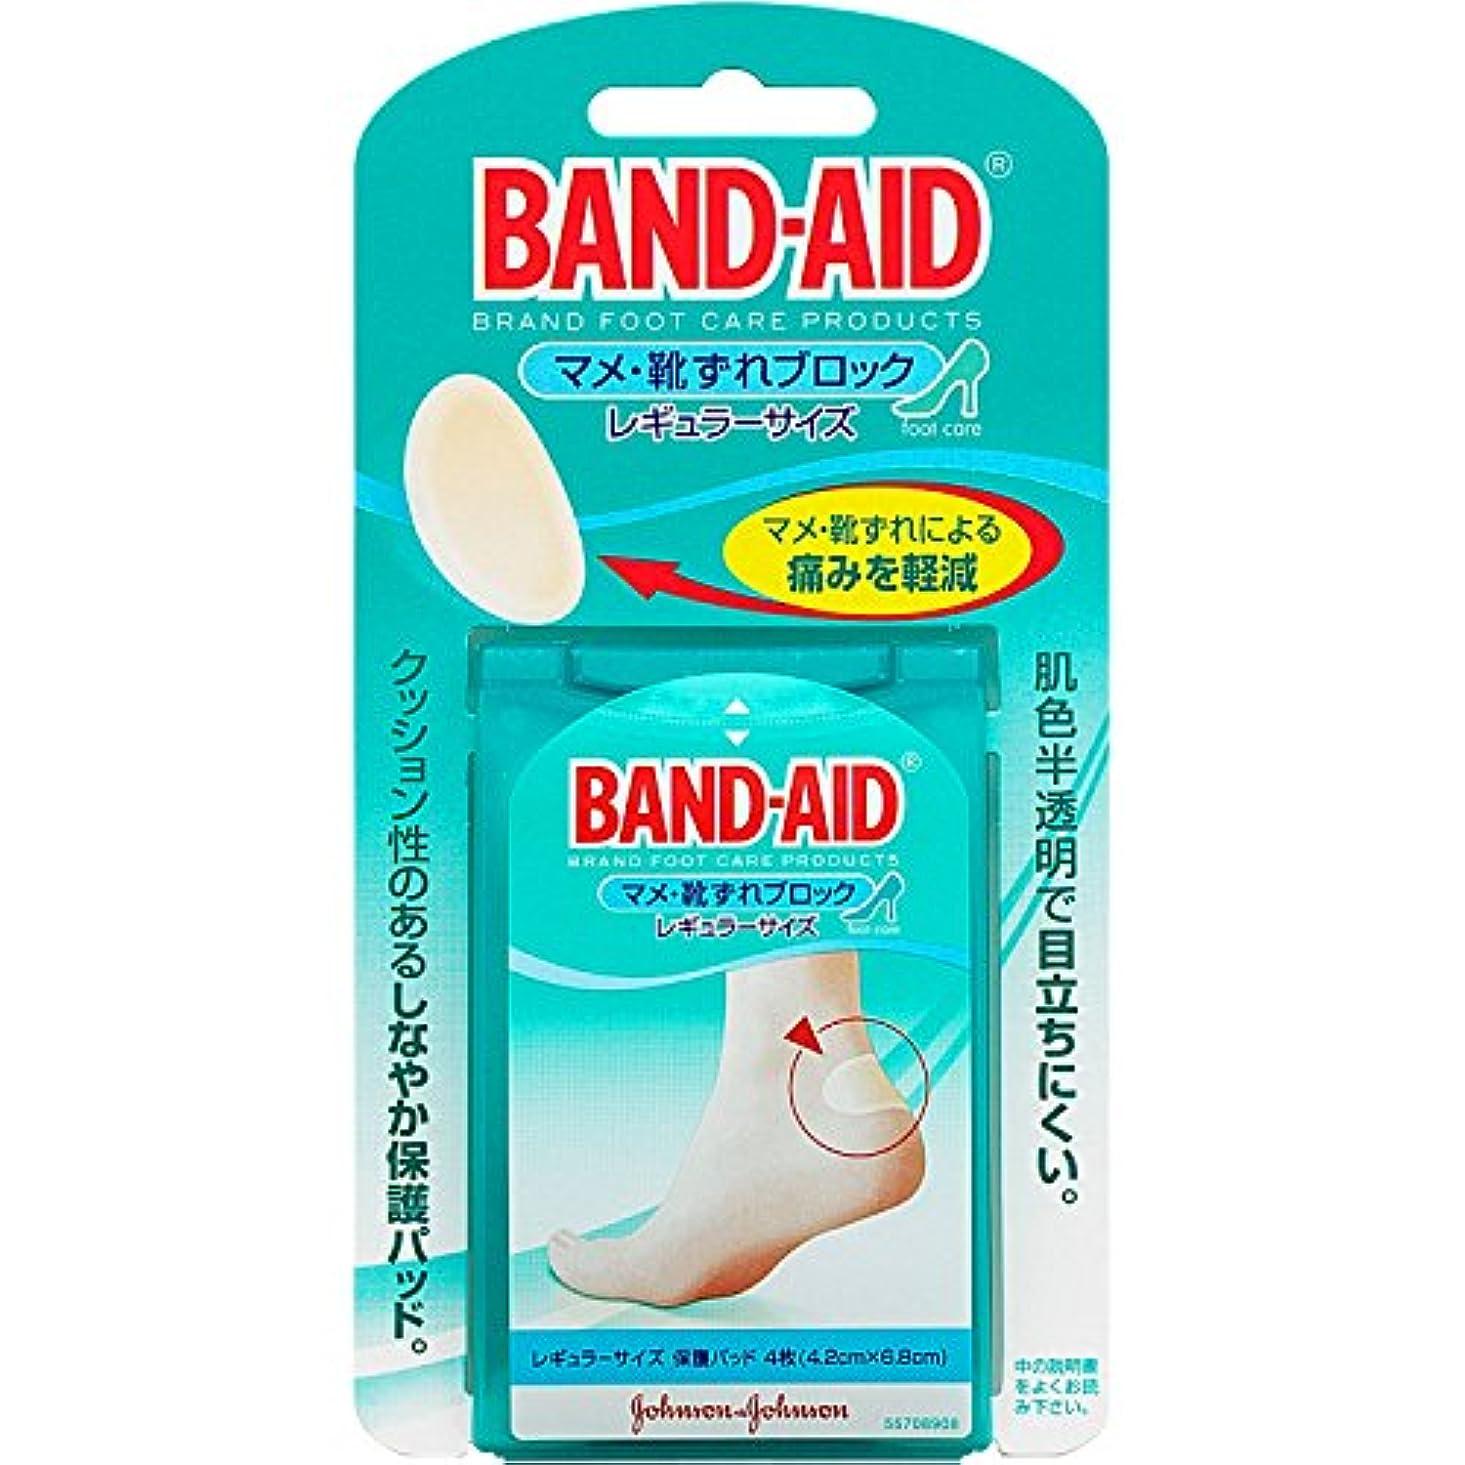 余裕がある理由弱点BAND-AID(バンドエイド) マメ?靴ずれブロック レギュラーサイズ 4枚